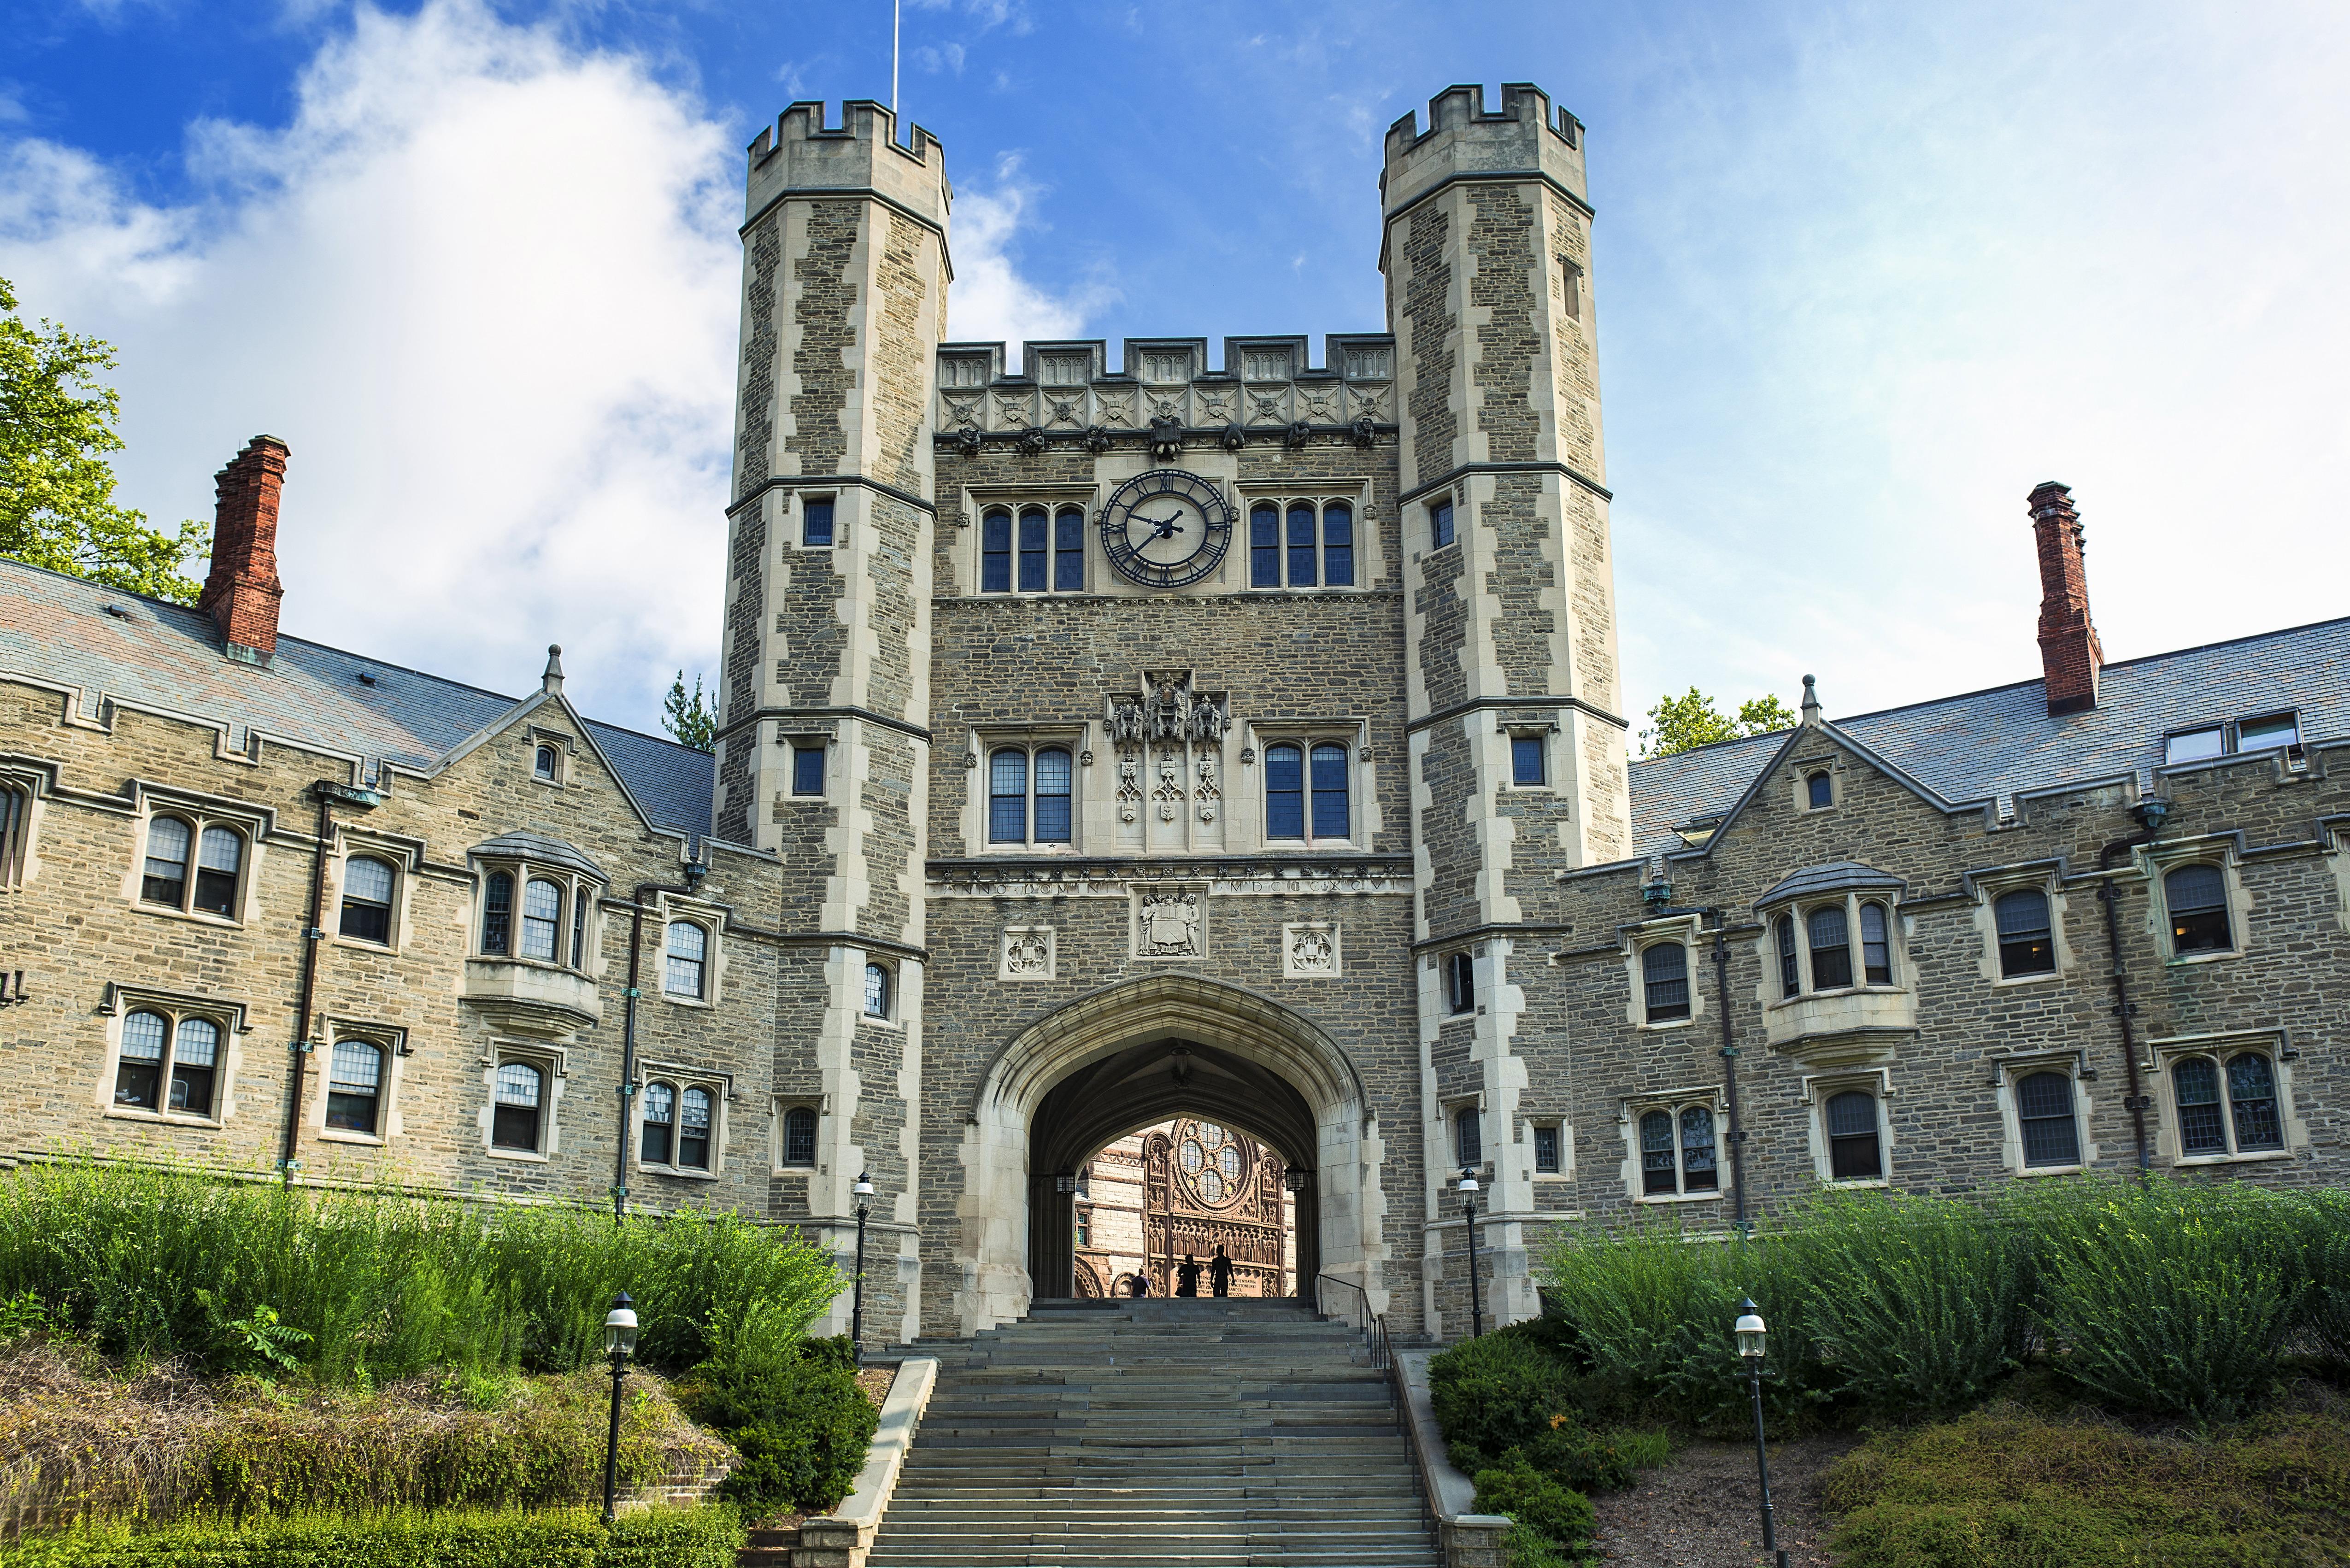 Blair Hall at Princeton University in Princeton, N.J.